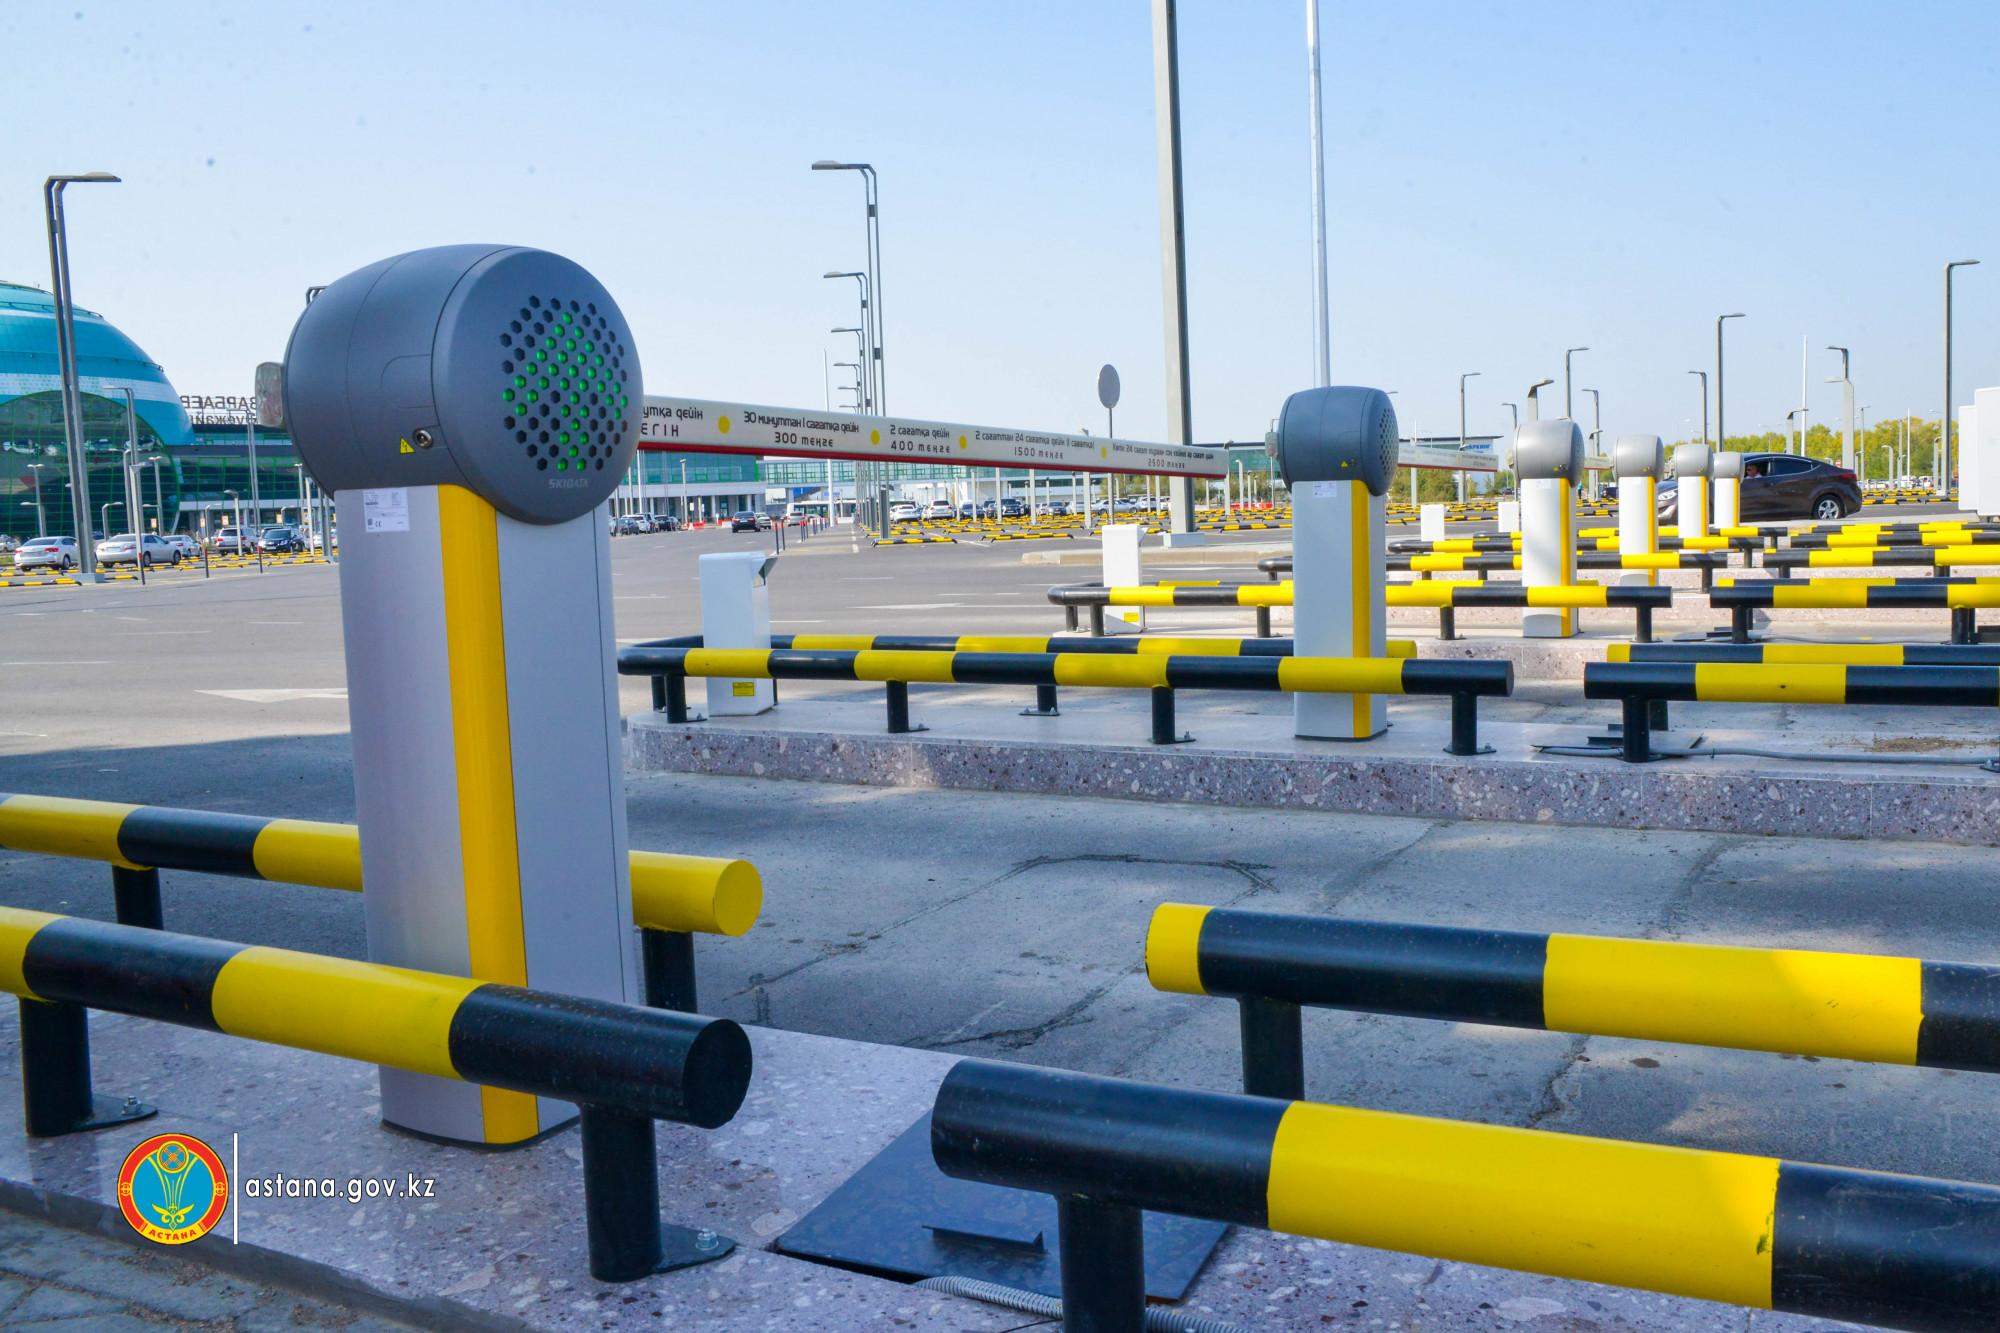 В Астане до конца года количество парковочных мест должно увеличиться, Астана, Парковка, парковочные места, акимат